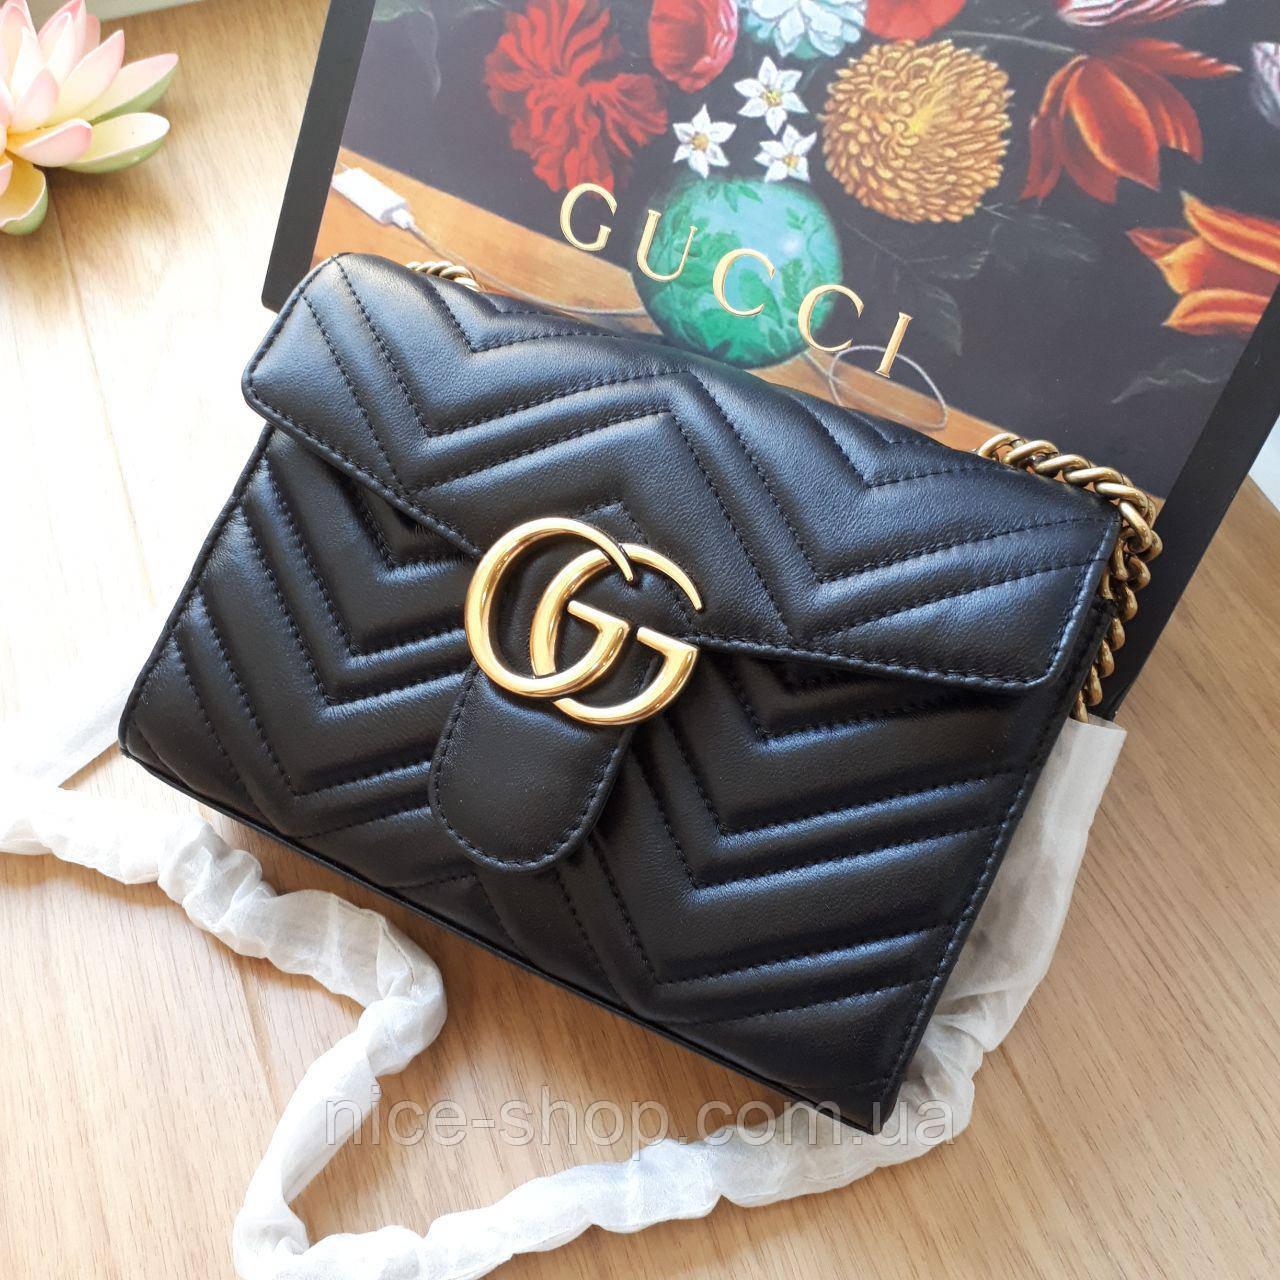 Премиум-реплика сумочка Gucci натуральная кожа Люкс